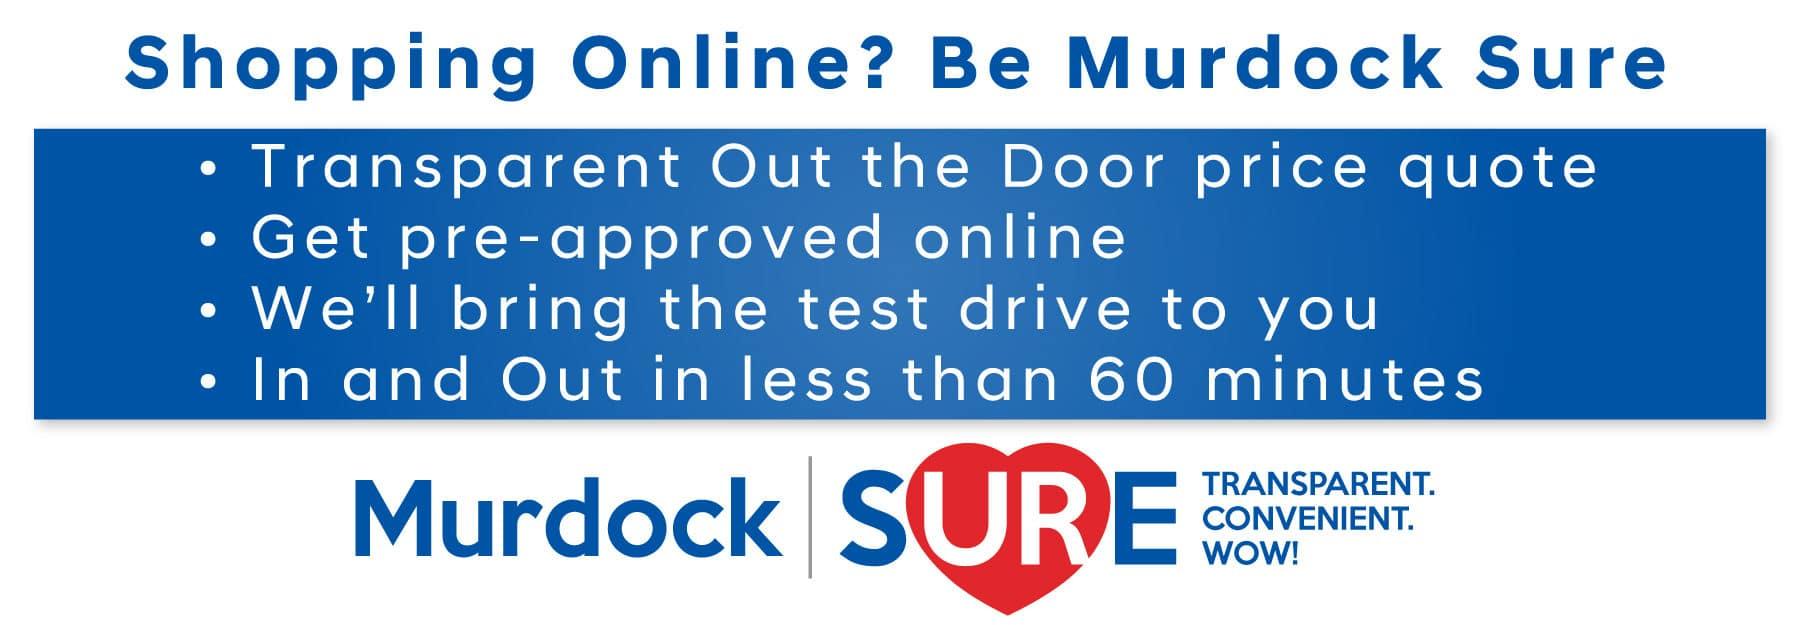 1800x625 Murdock Sure